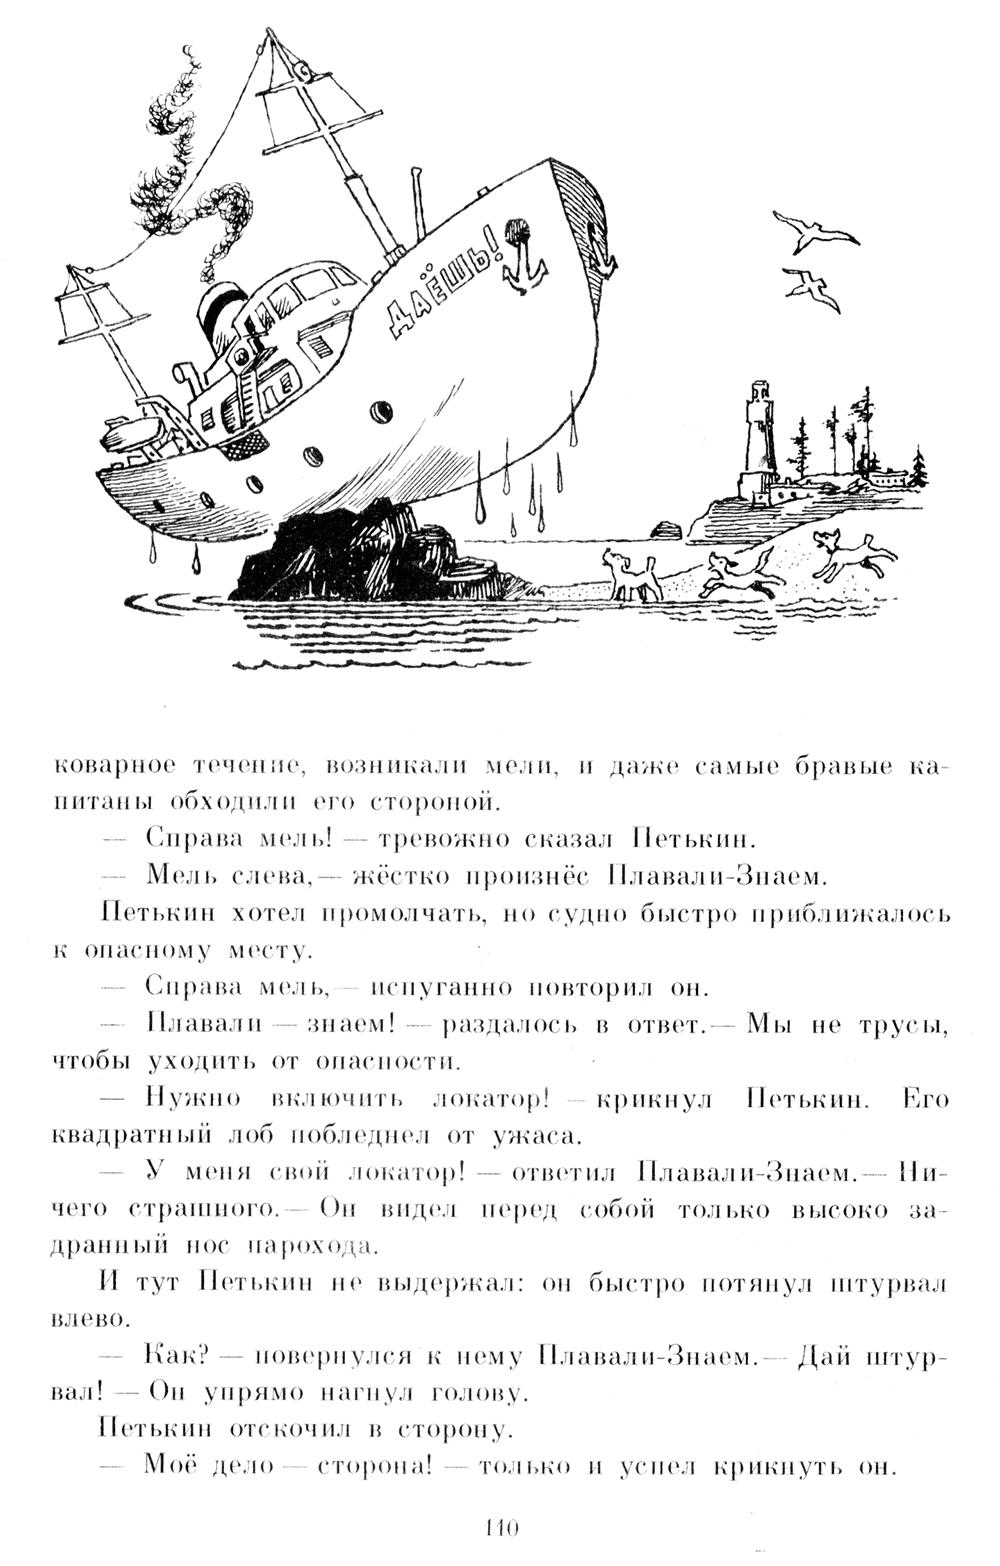 Применения советскими иллюстраторами